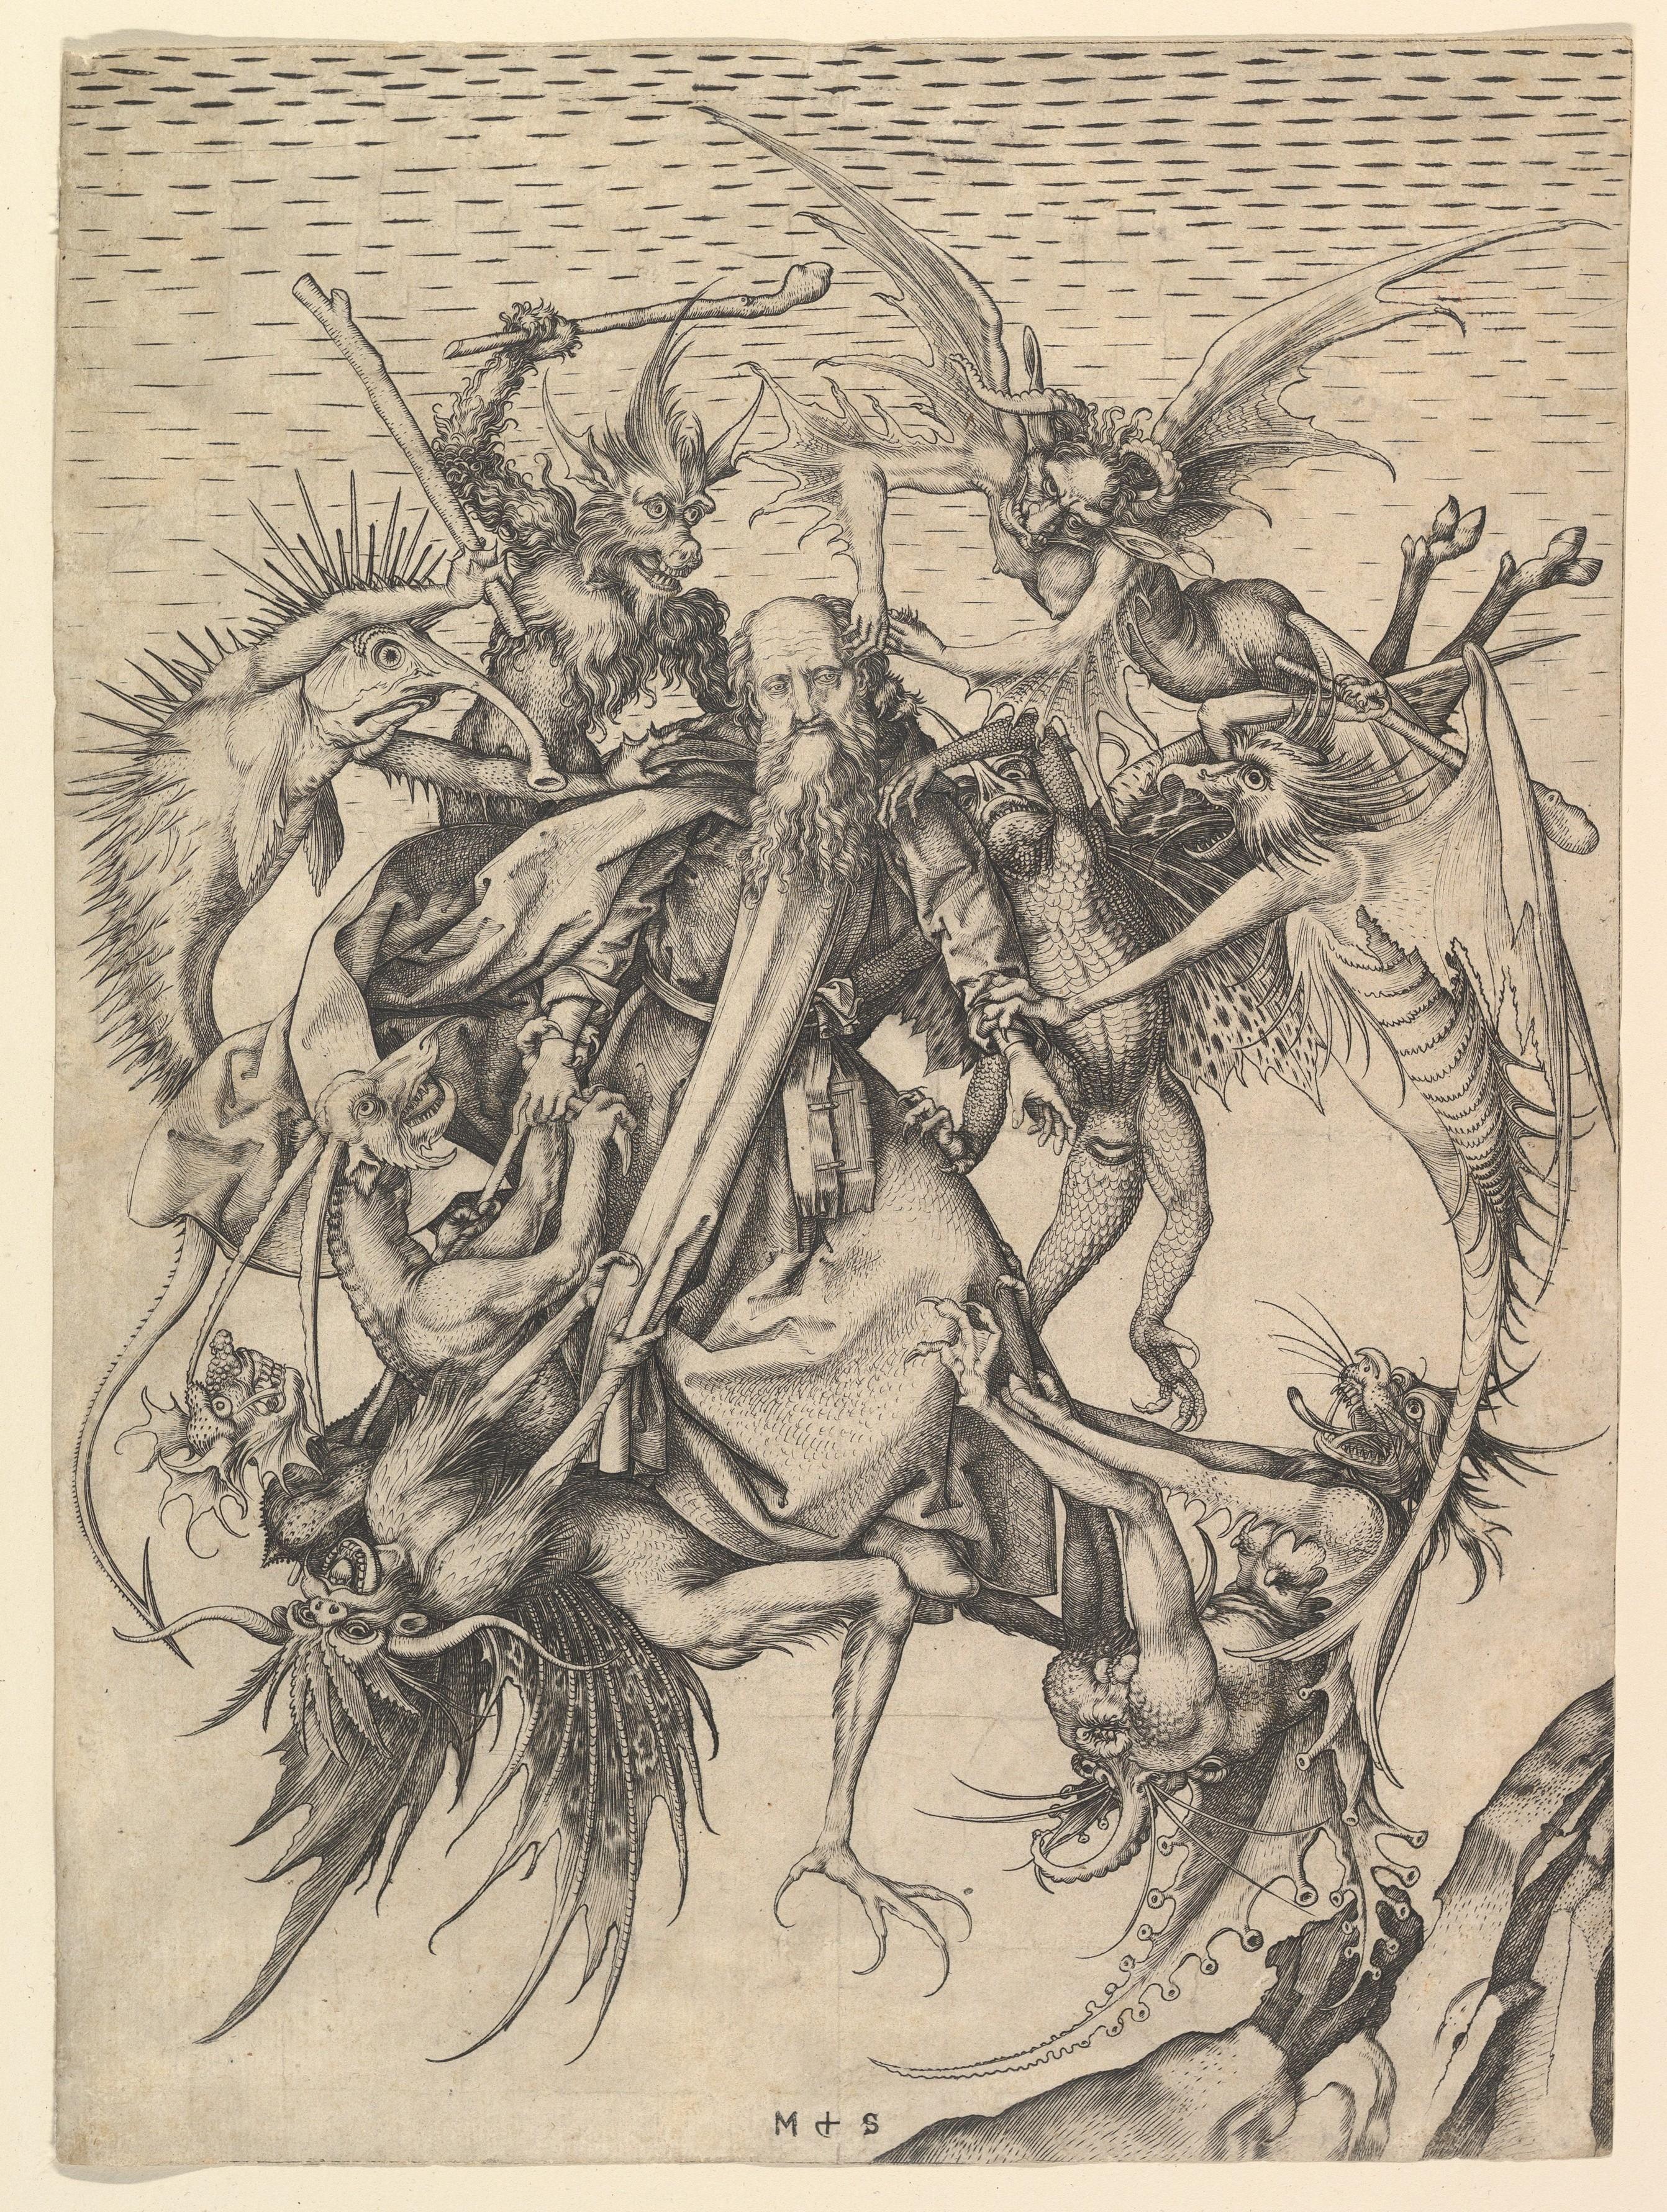 Szent Antal megkísértése Martin Schongauer metszetén (forrás: Wikipedia)